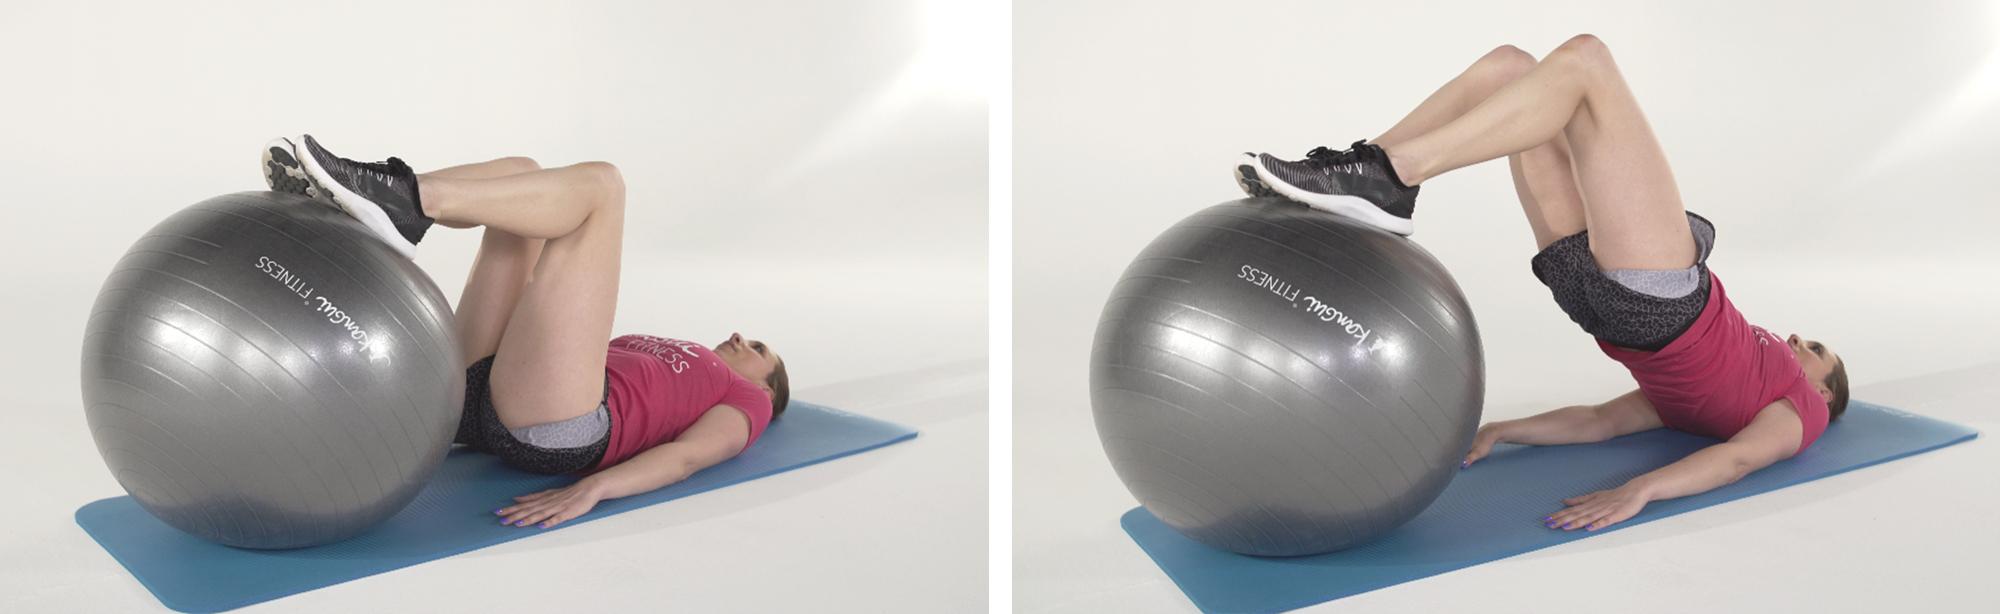 ÉLÉVATION BASSIN ventre plat exercice fitness